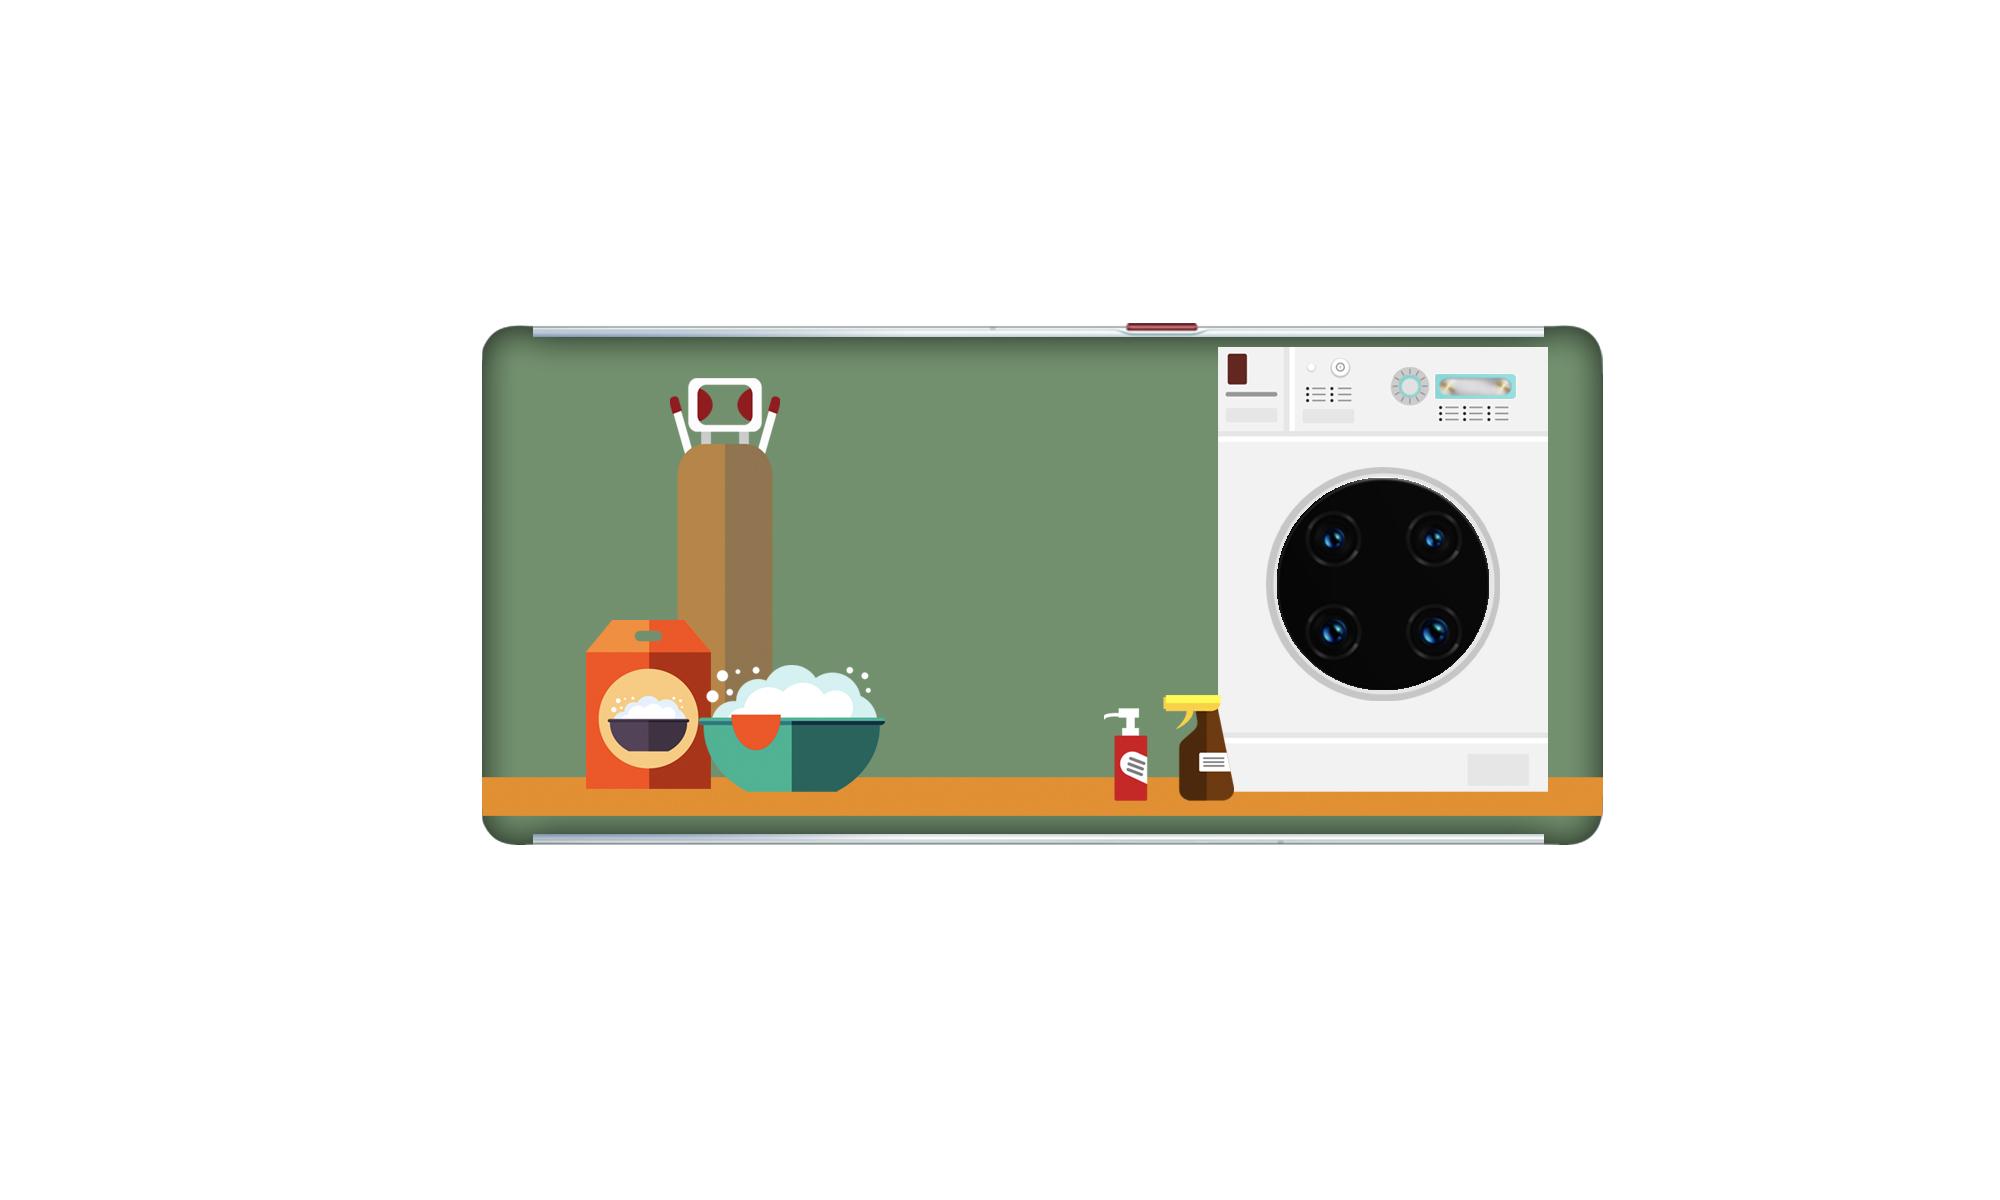 滚筒洗衣机.jpg